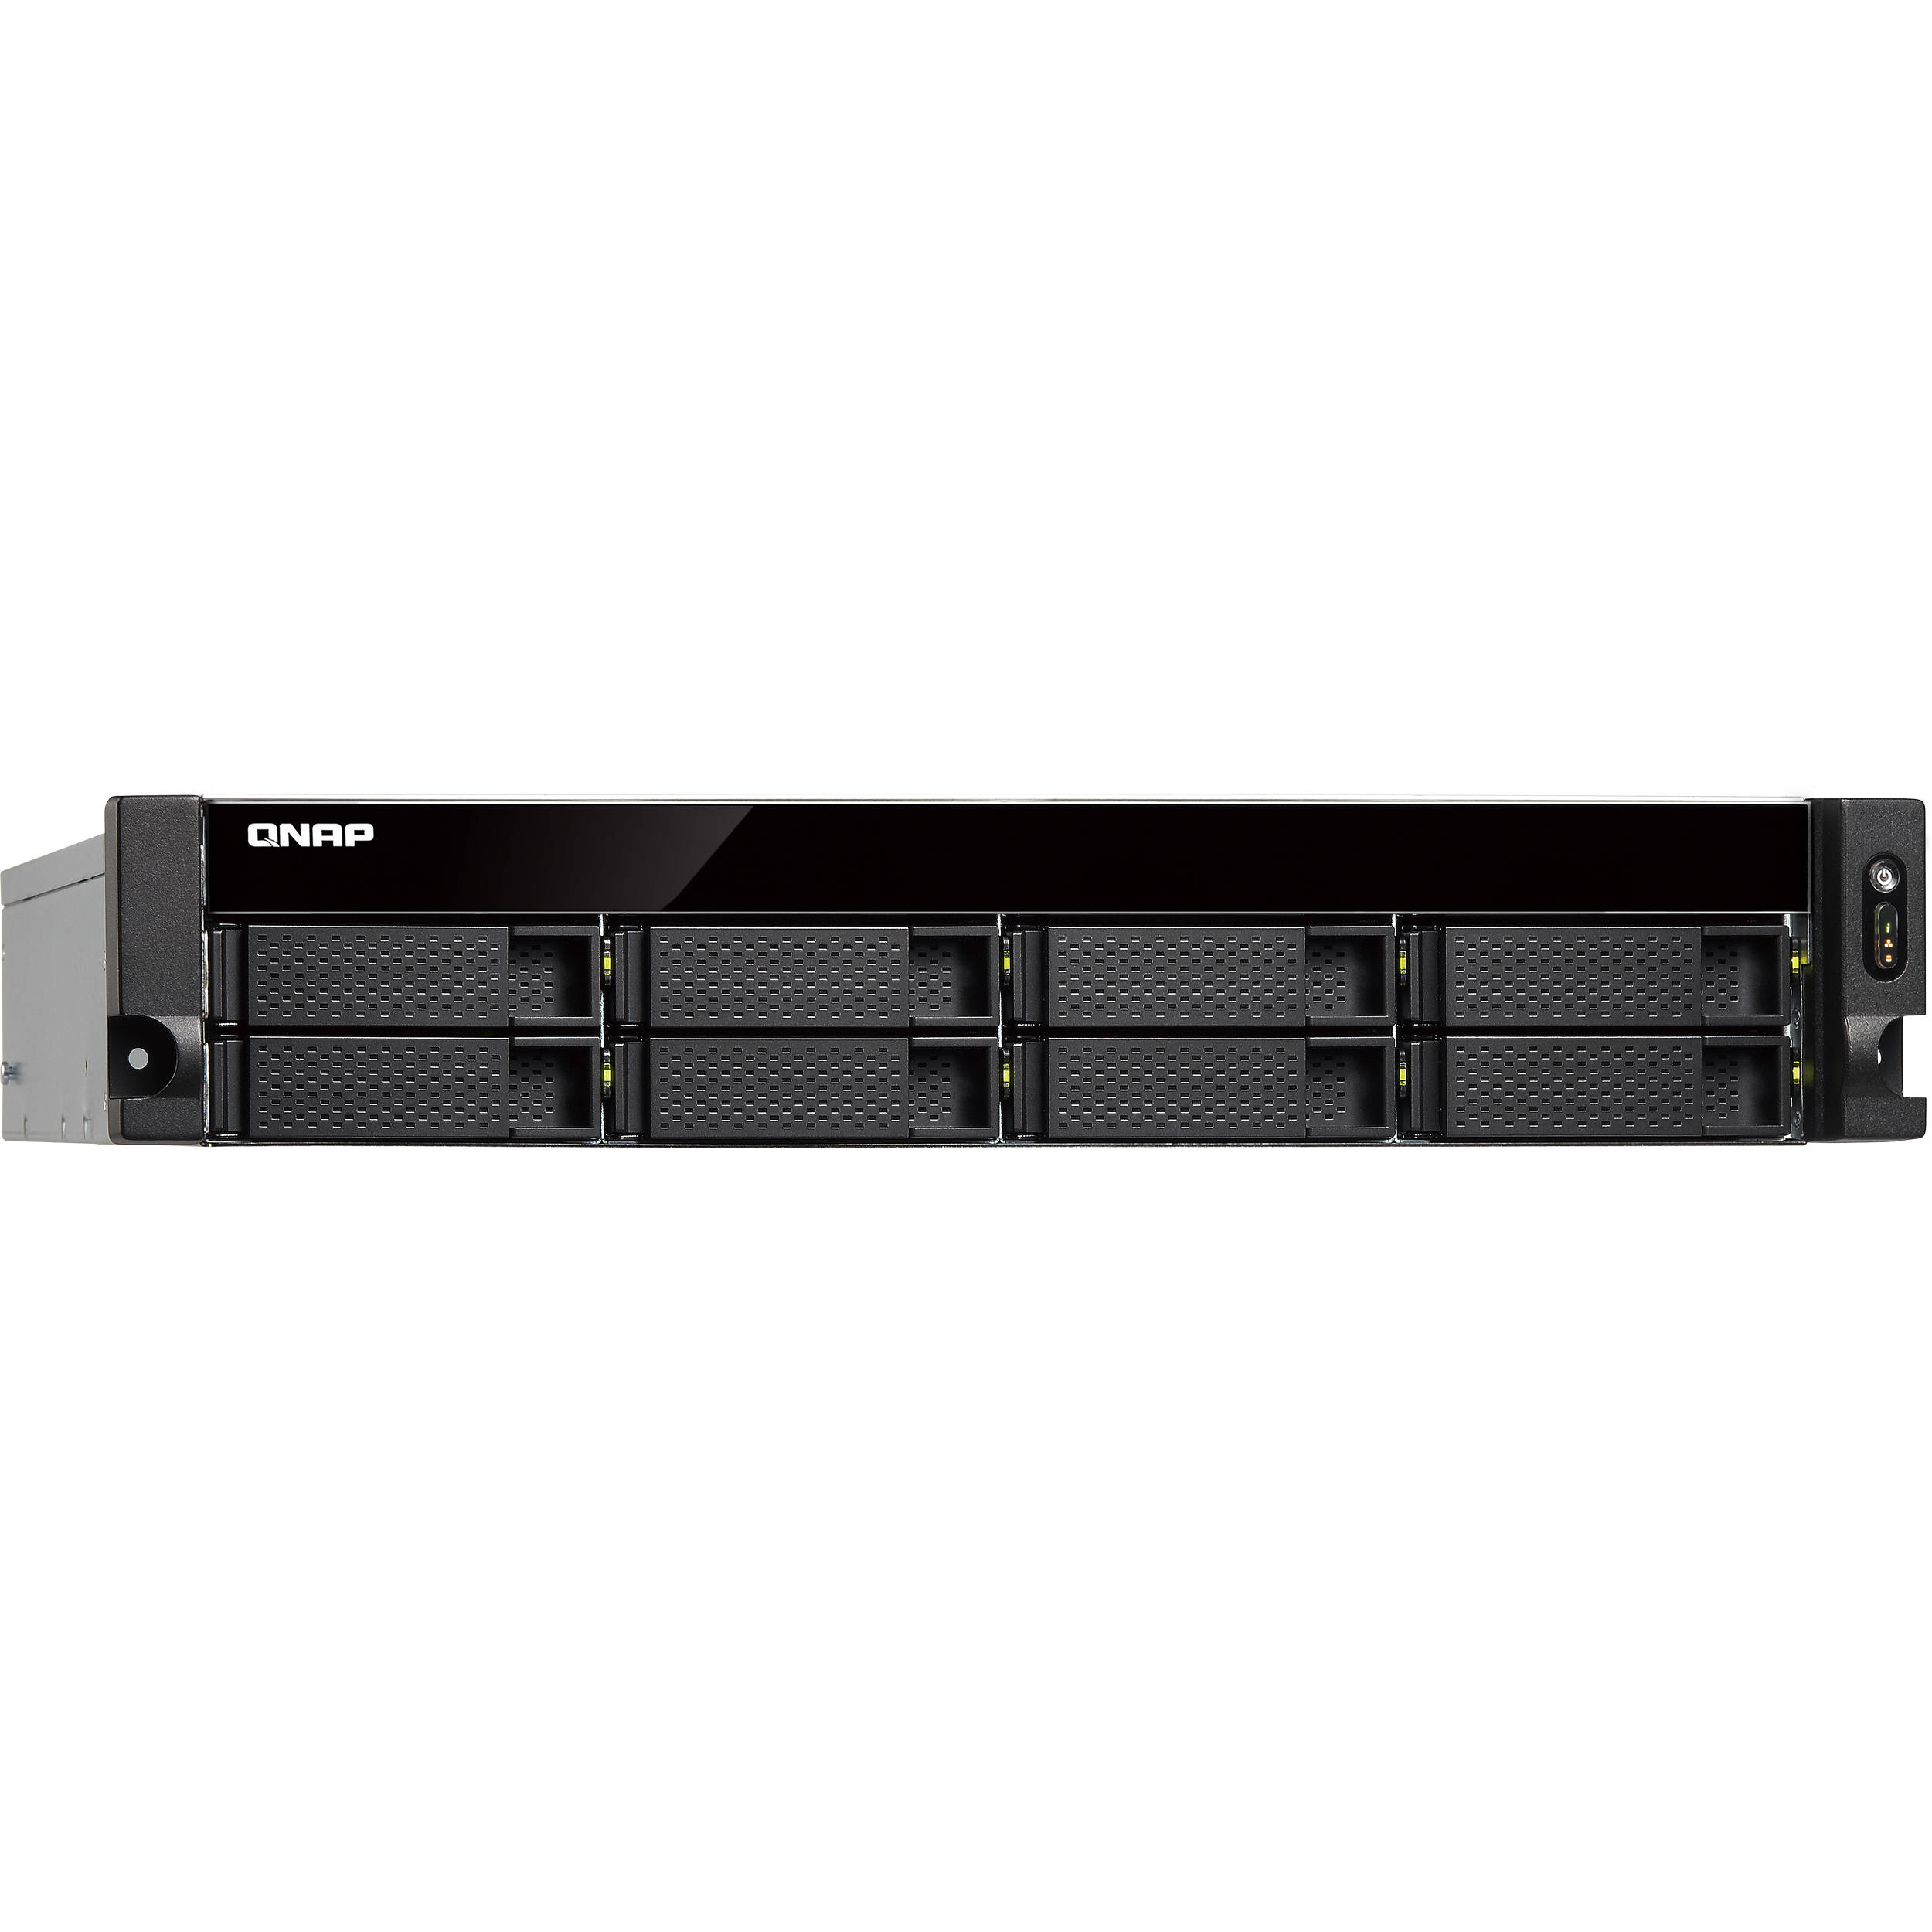 QNAP TS-831XU-RP 8-Bay NAS Enclosure with Redundant Power Supply